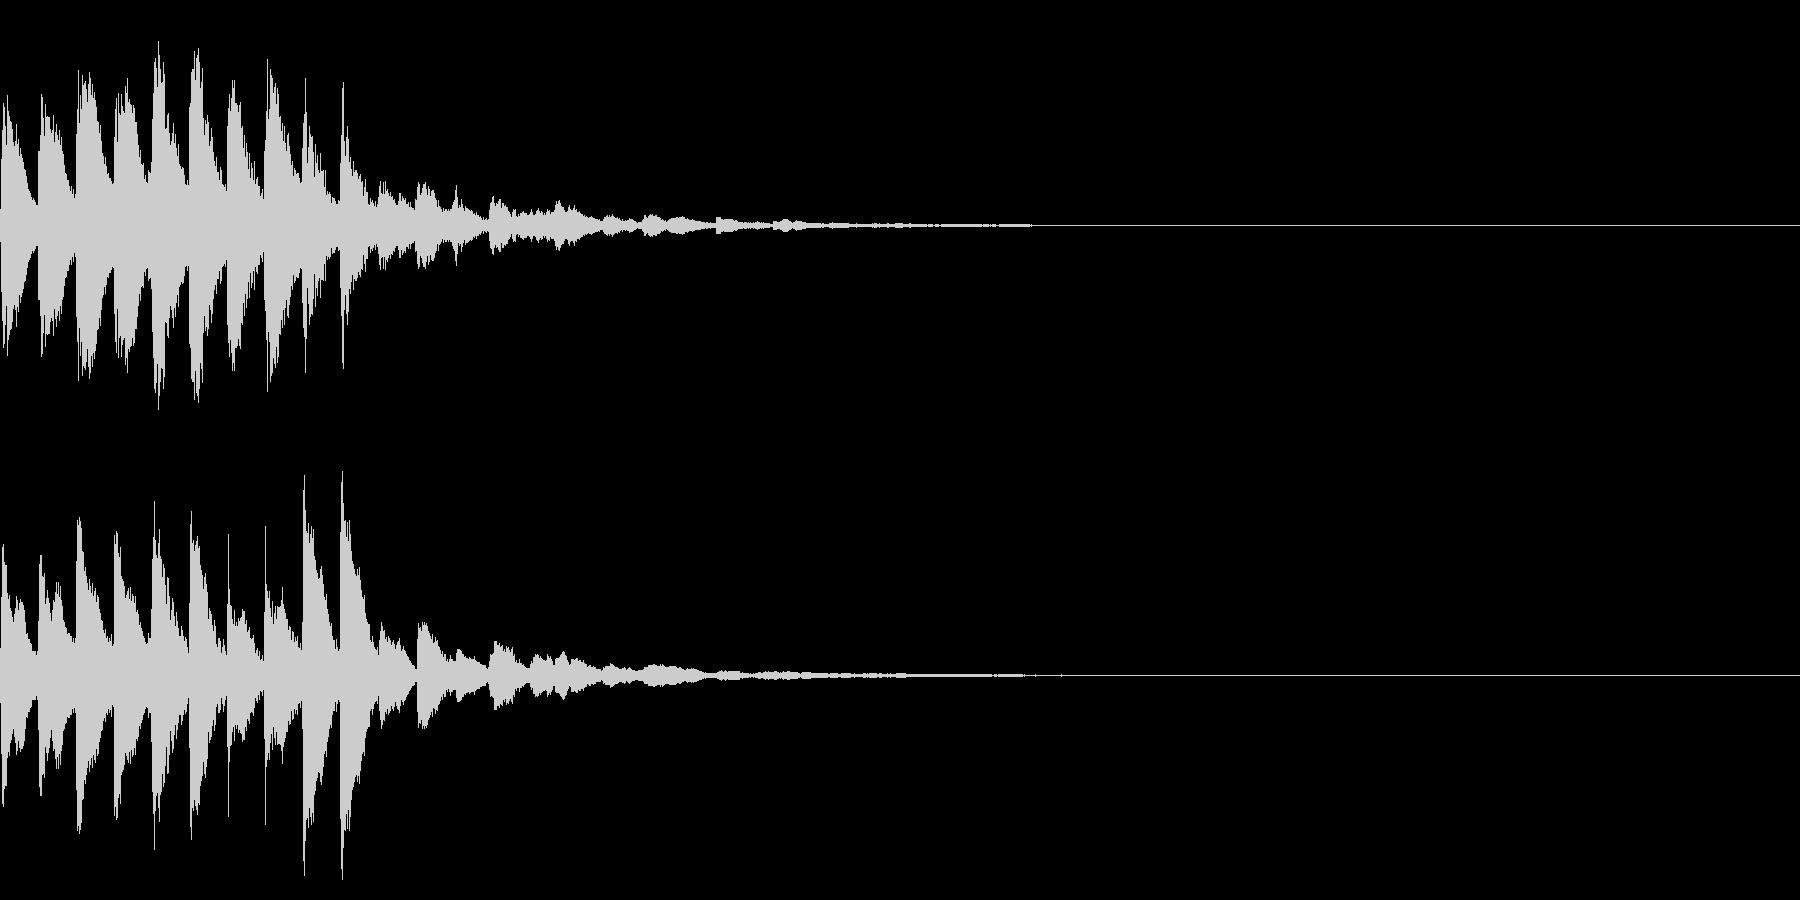 着信音2 キラキラのマリンバ スワイプの未再生の波形